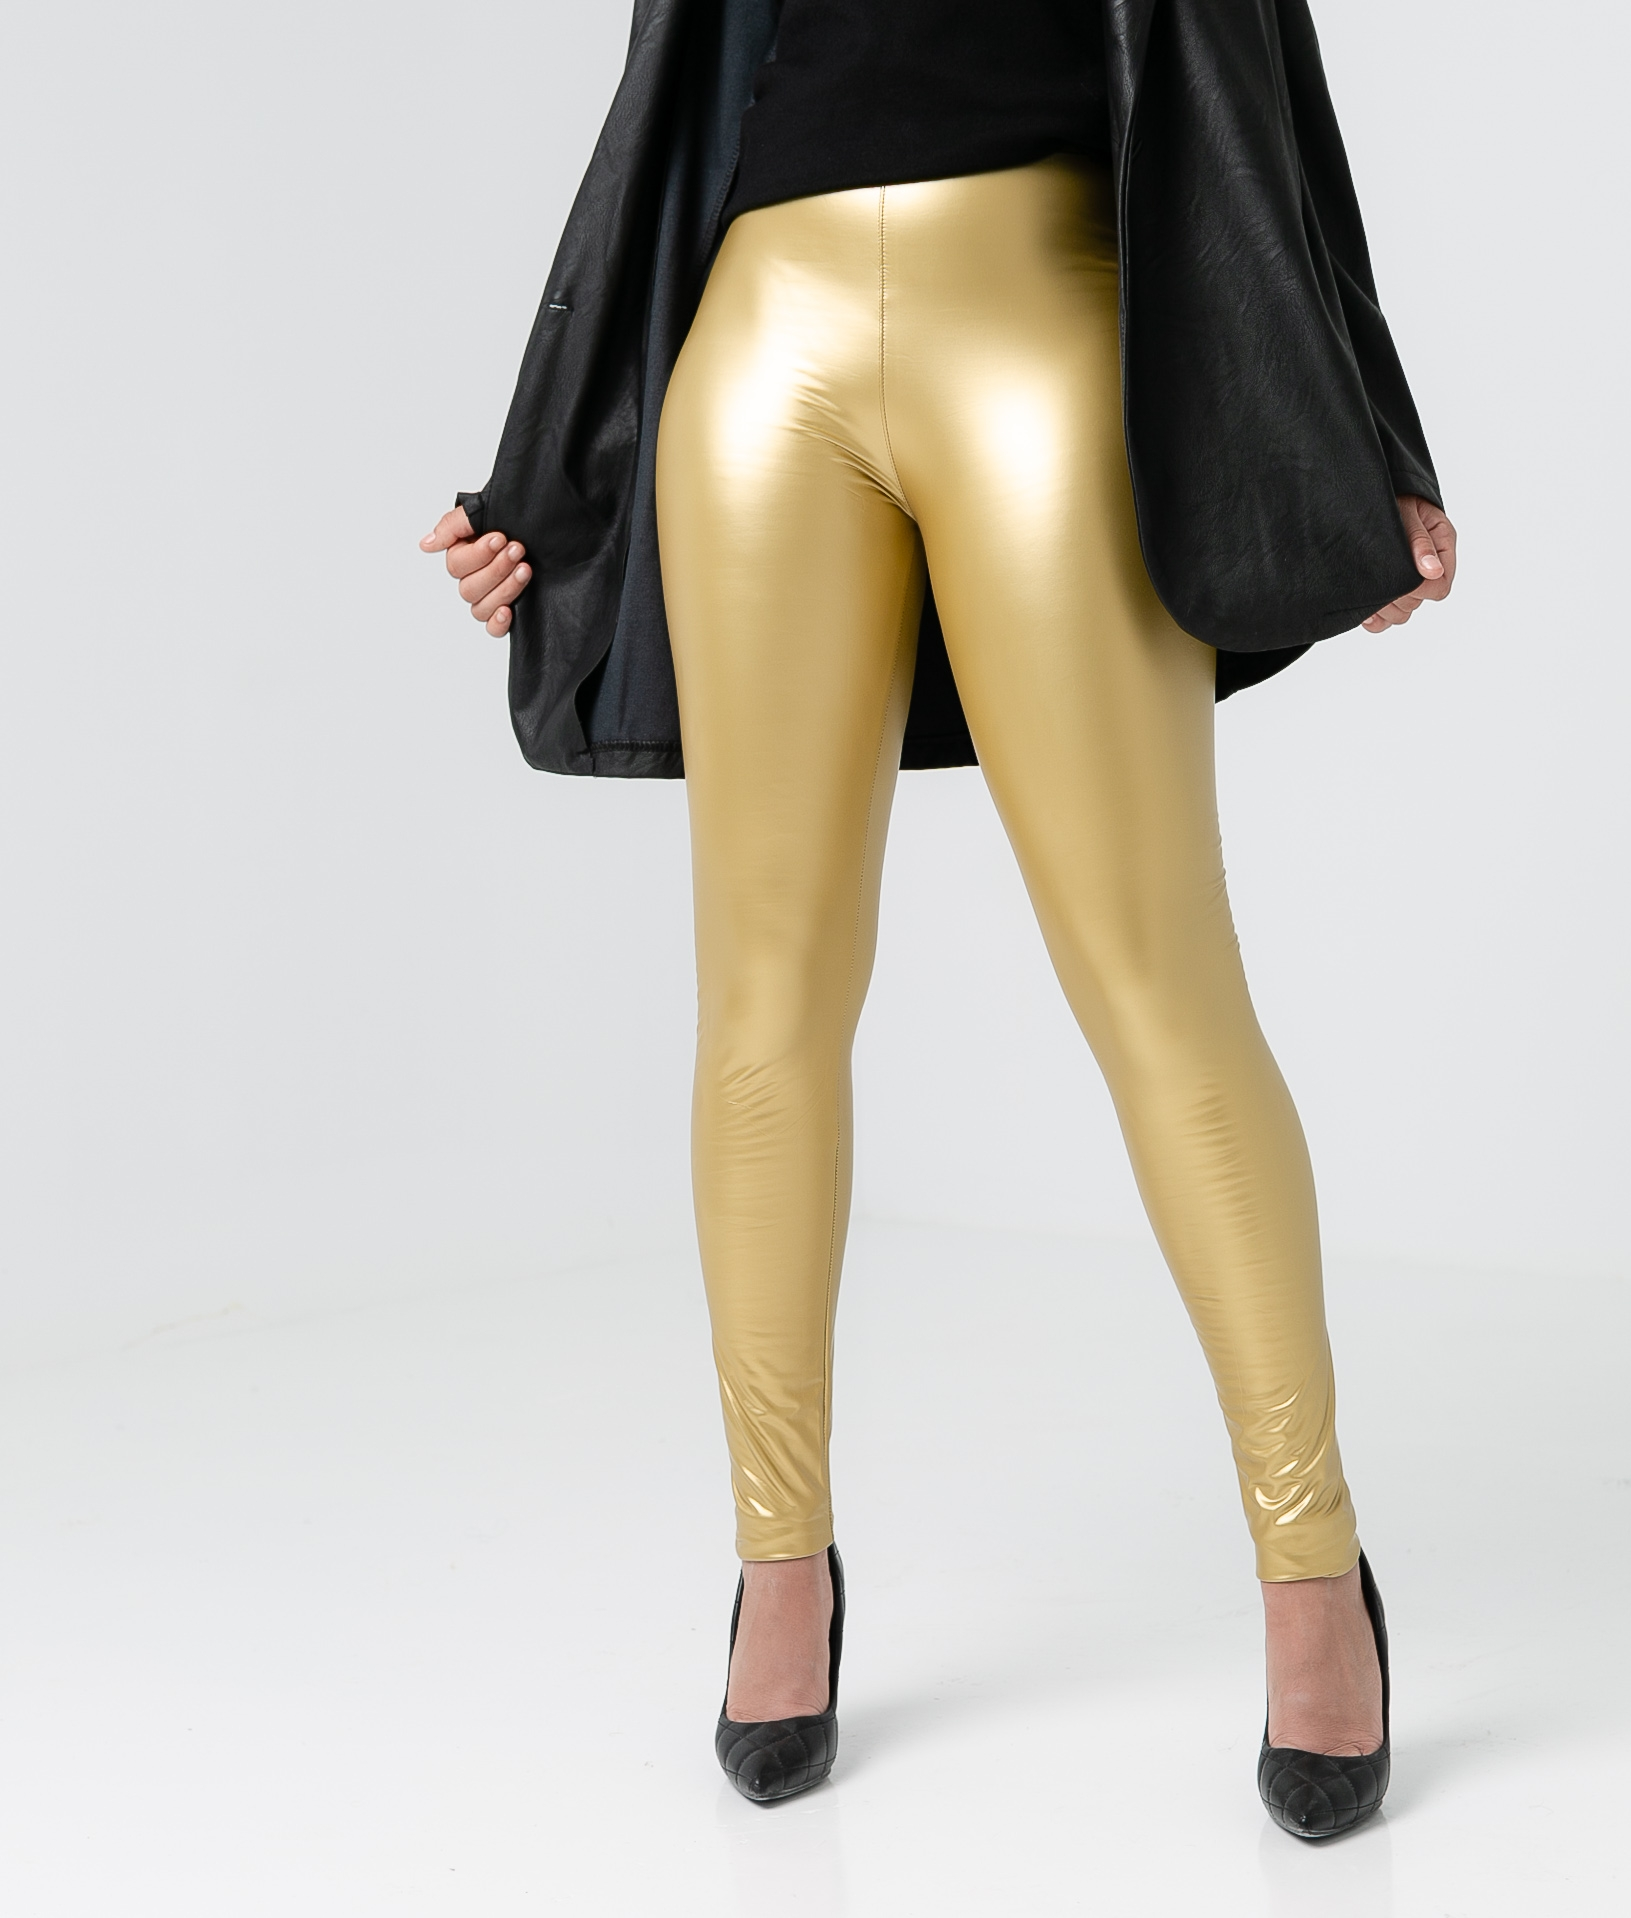 Leggins Quinpa - Gold